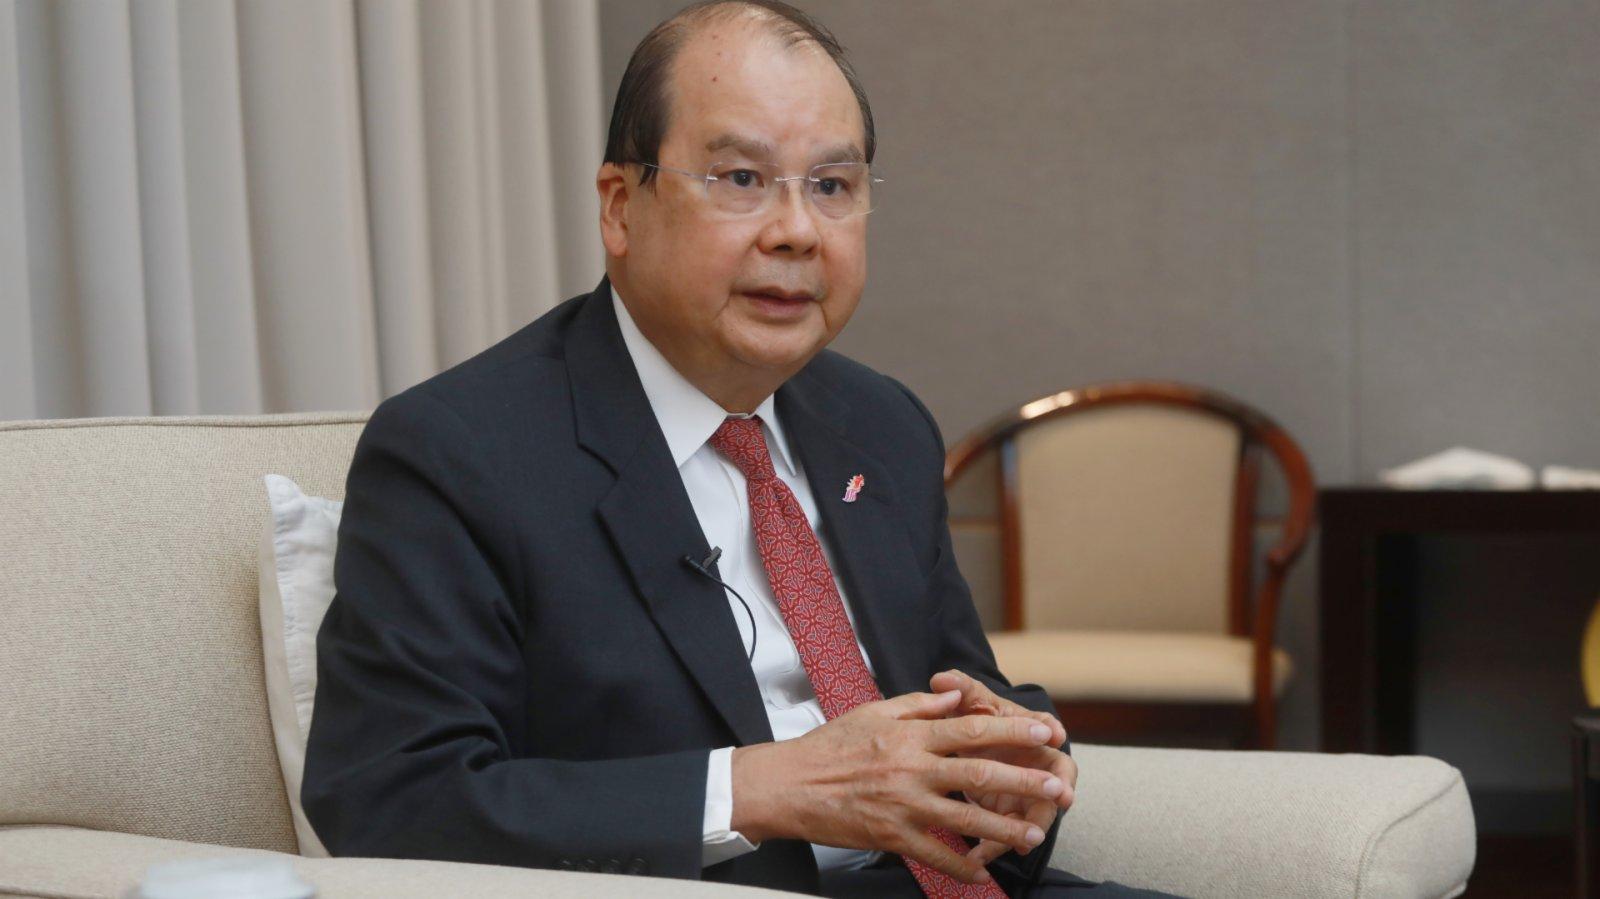 張建宗:歡迎全國人民代表大會通過《十四五規劃綱要》